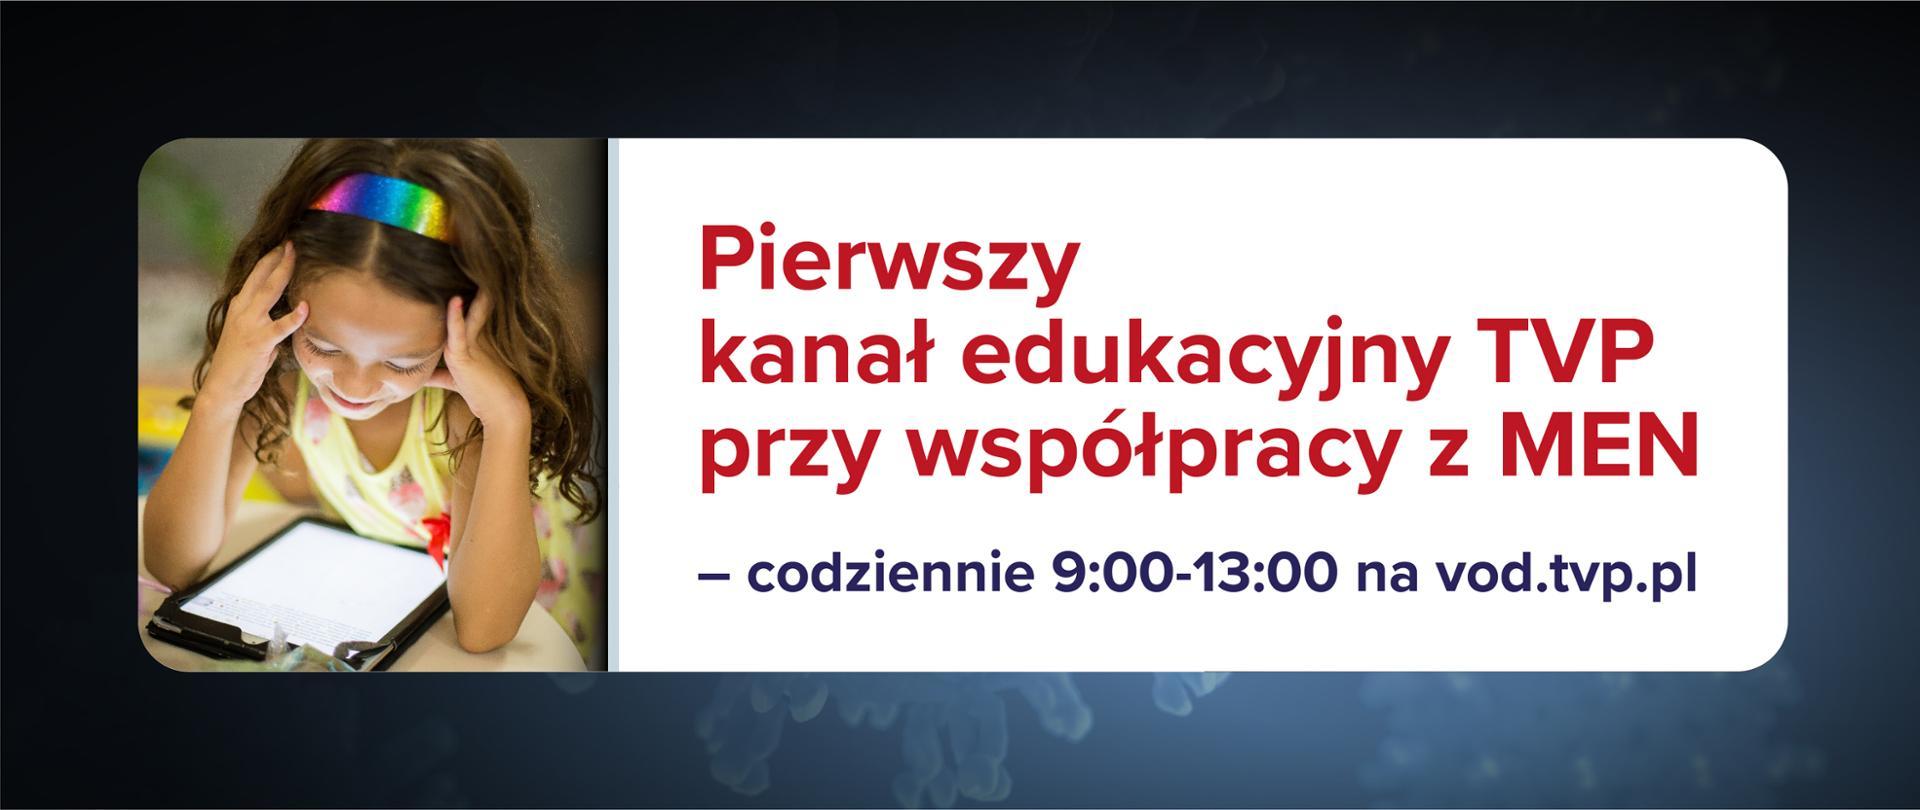 Grafika na ciemnoniebieskim tle. Po lewo zdjęcie dziewczynki z tabletem, a po prawo tekst na białym tle: Pierwszy kanał edukacyjny TVP przy współpracy z MEN - codziennie 9:00-13:00 na vod.tvp.pl.